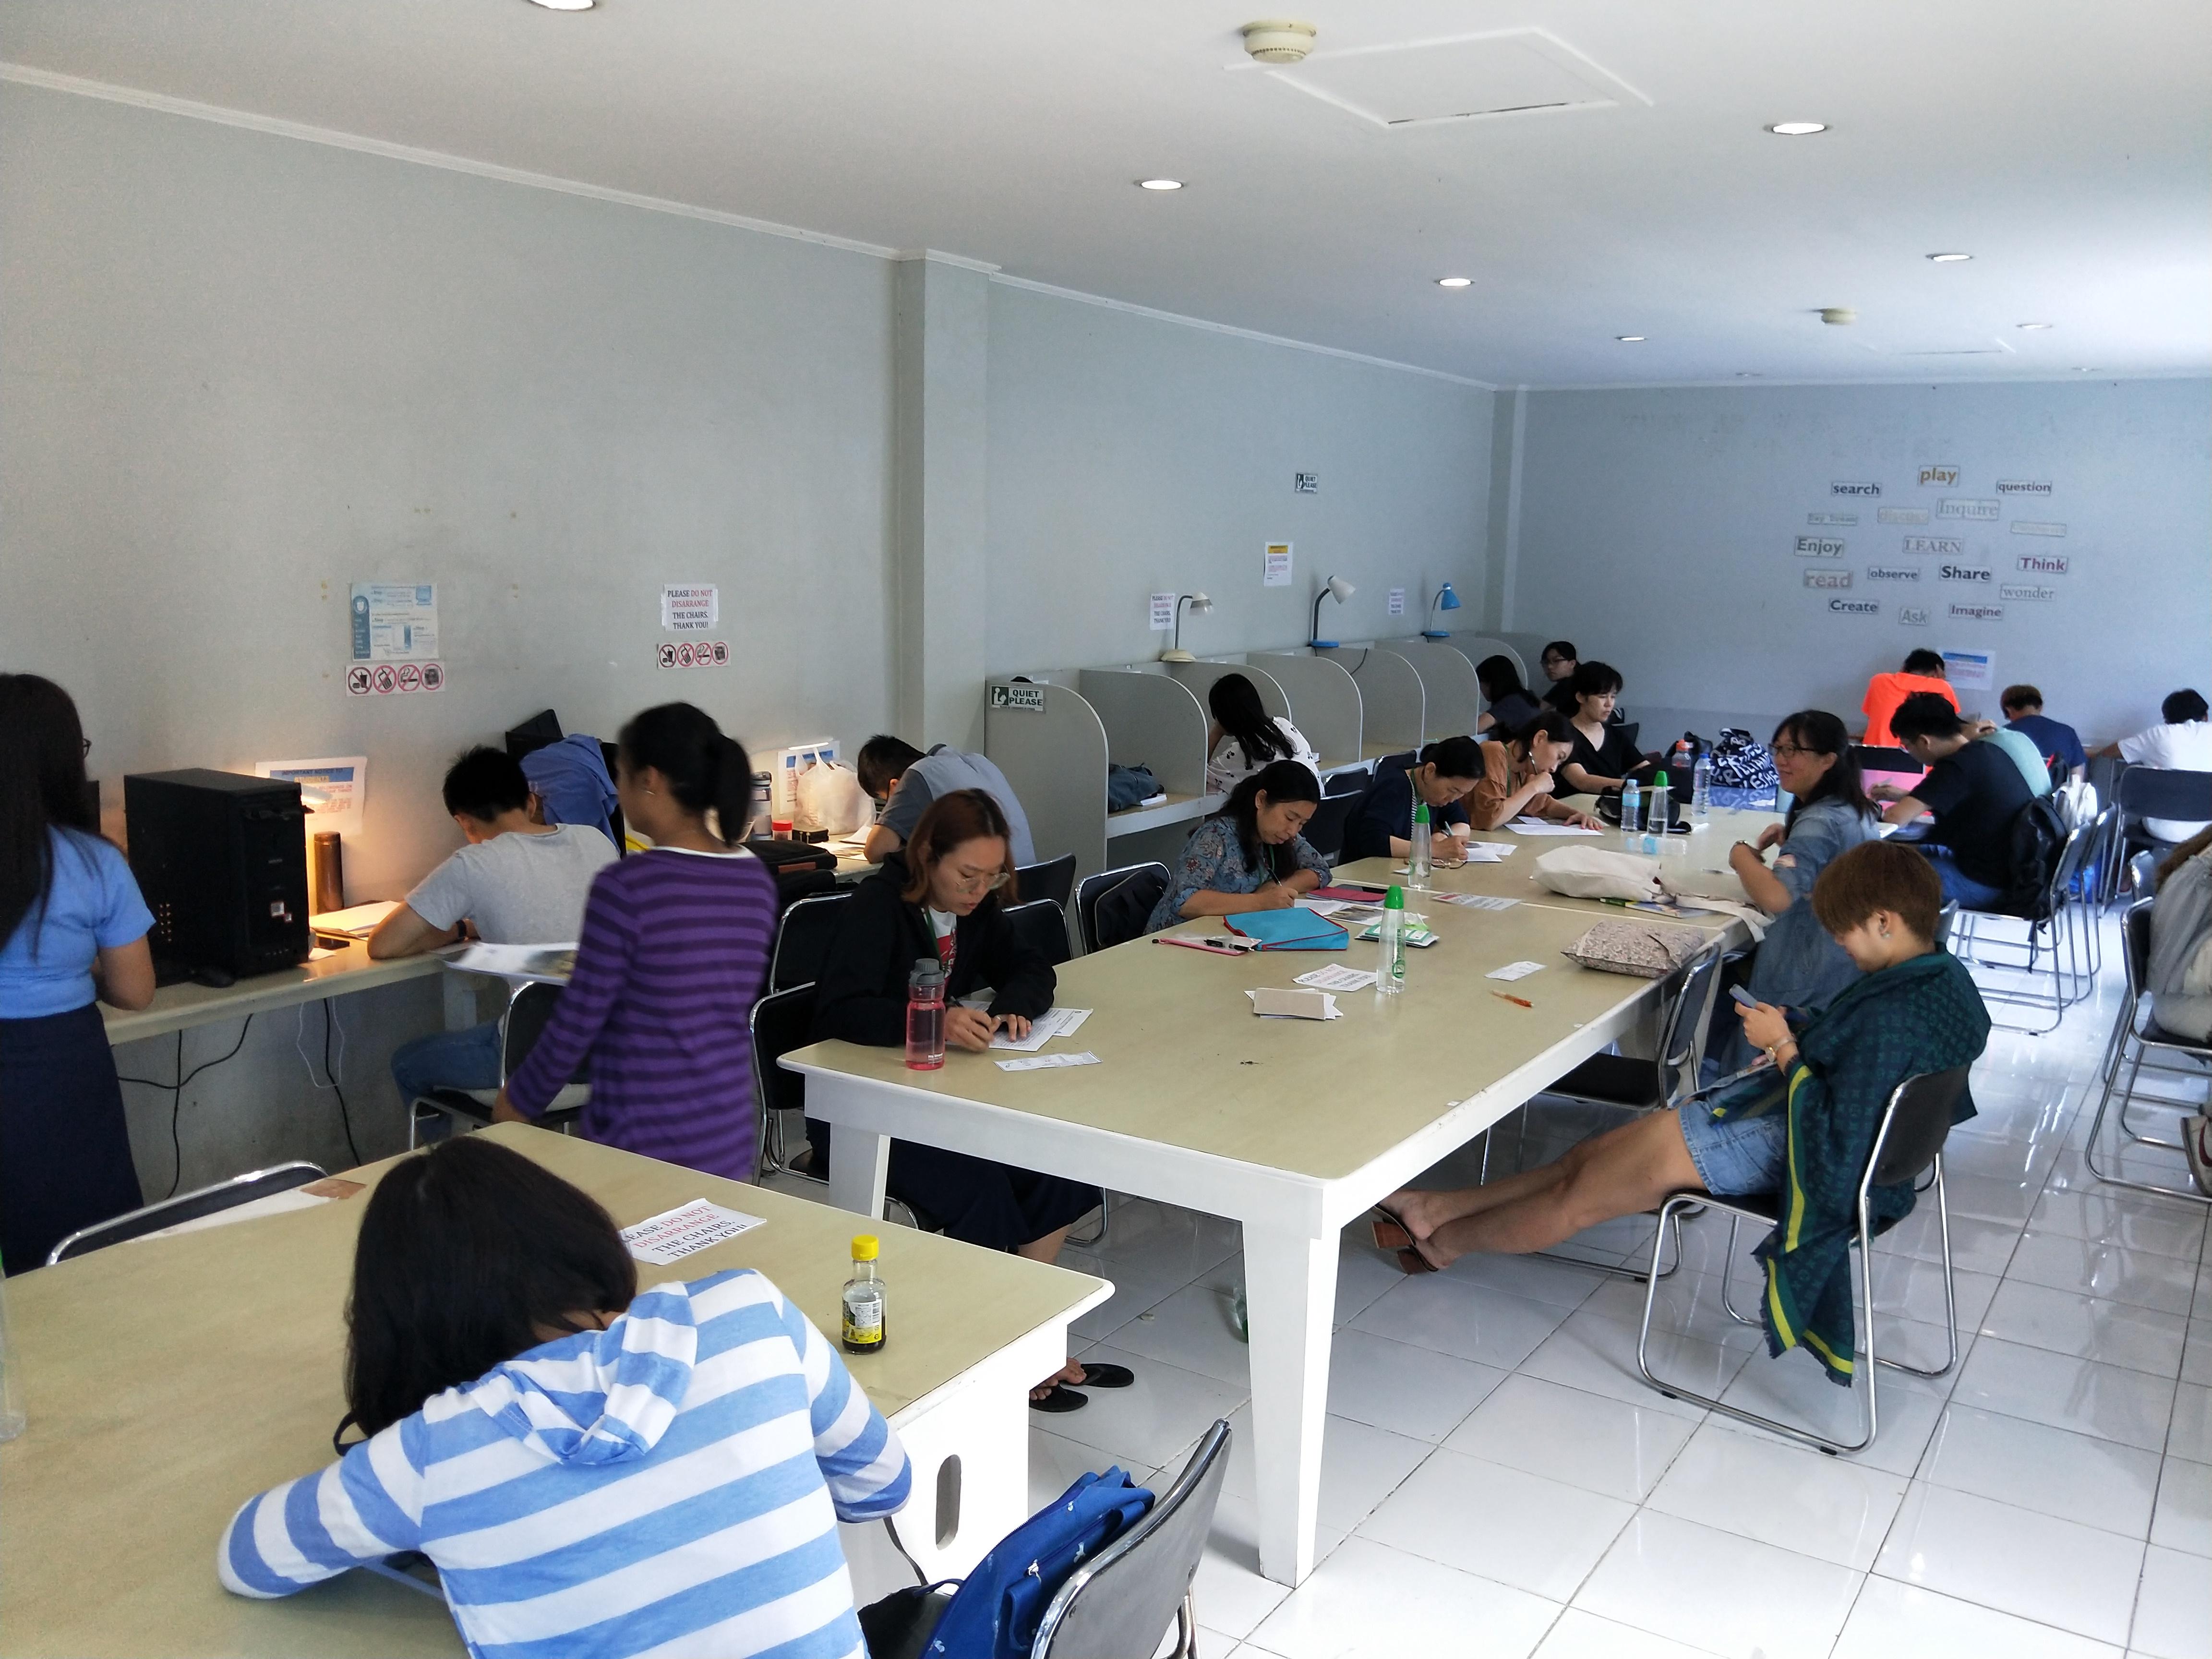 背包客推薦宿霧遊學最佳選擇-Philinter語言學校 @東南亞投資報告